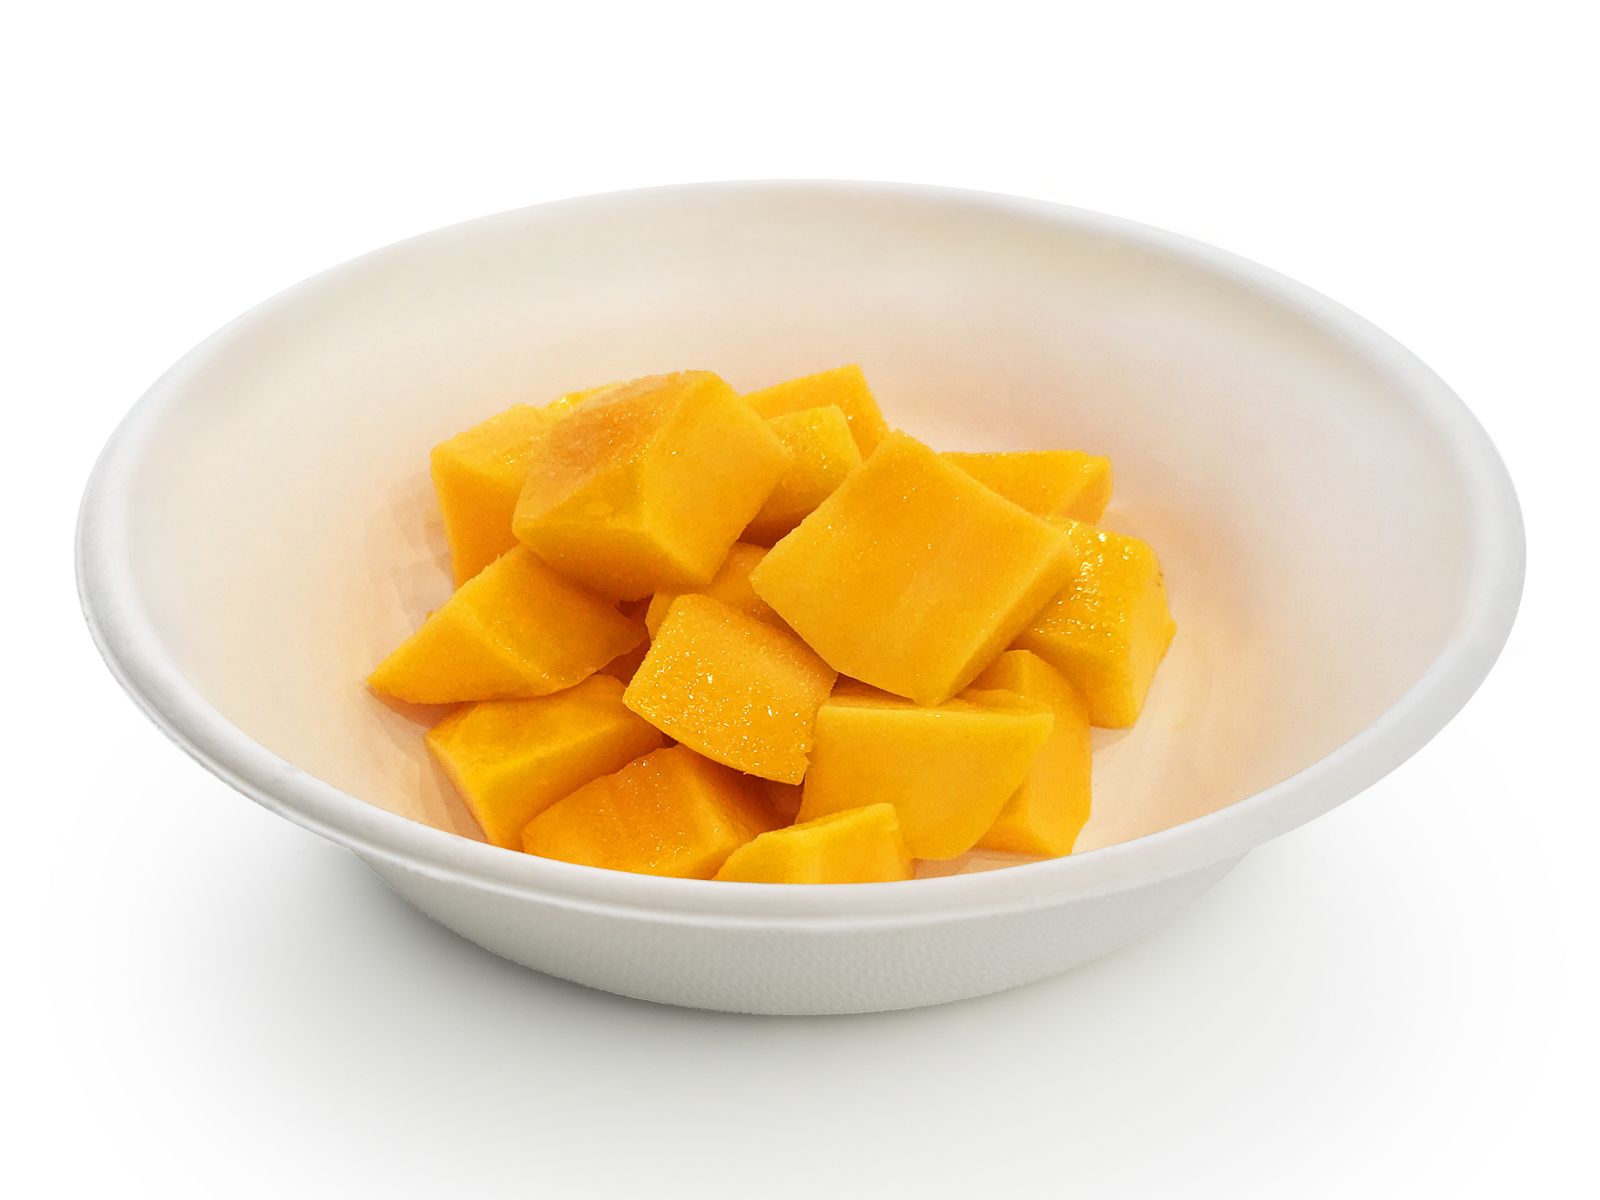 Тарелка спелого манго